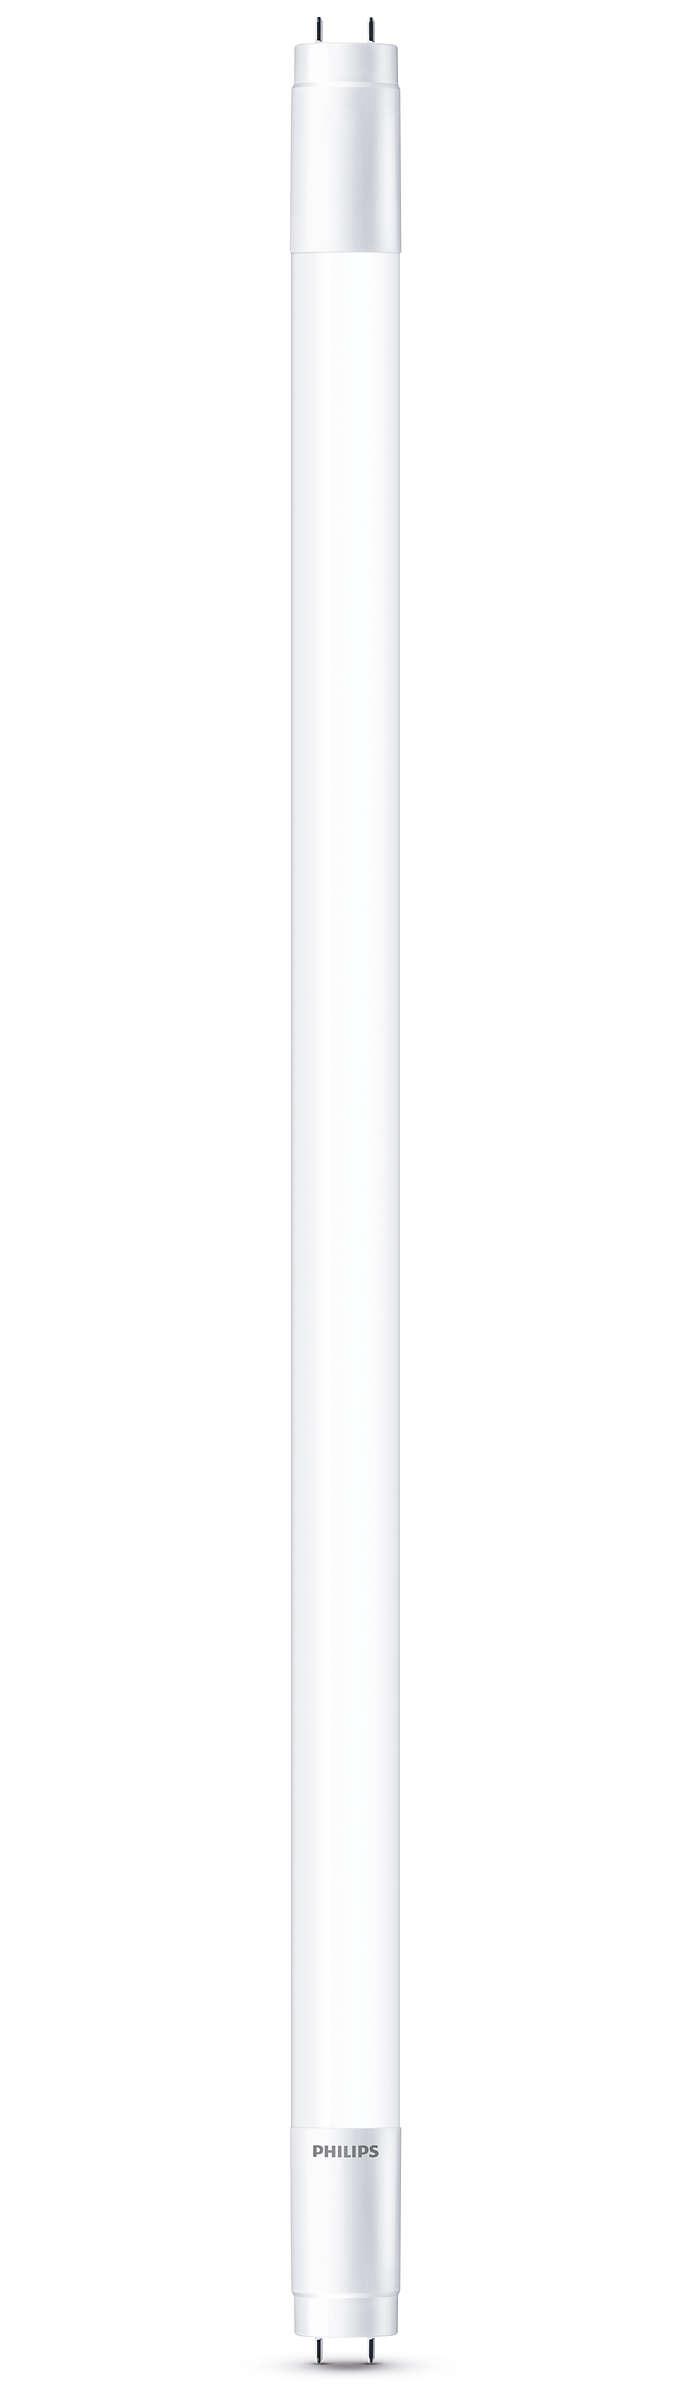 Trwałe oświetlenie zadaniowe LED o wysokiej jakości światła